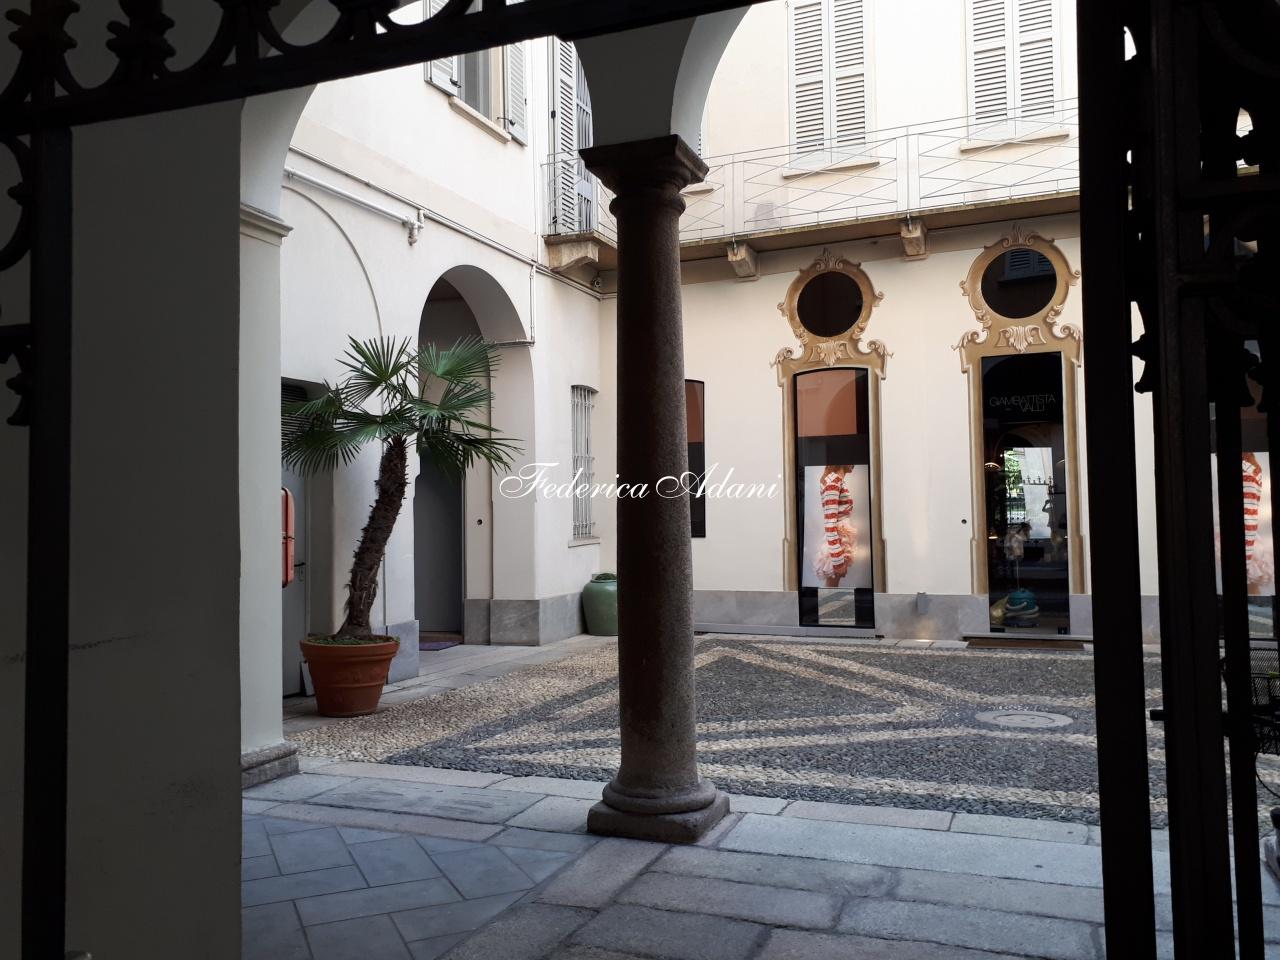 APPARTAMENTO VENDITA Milano  - Brera / Repubblica / Turati